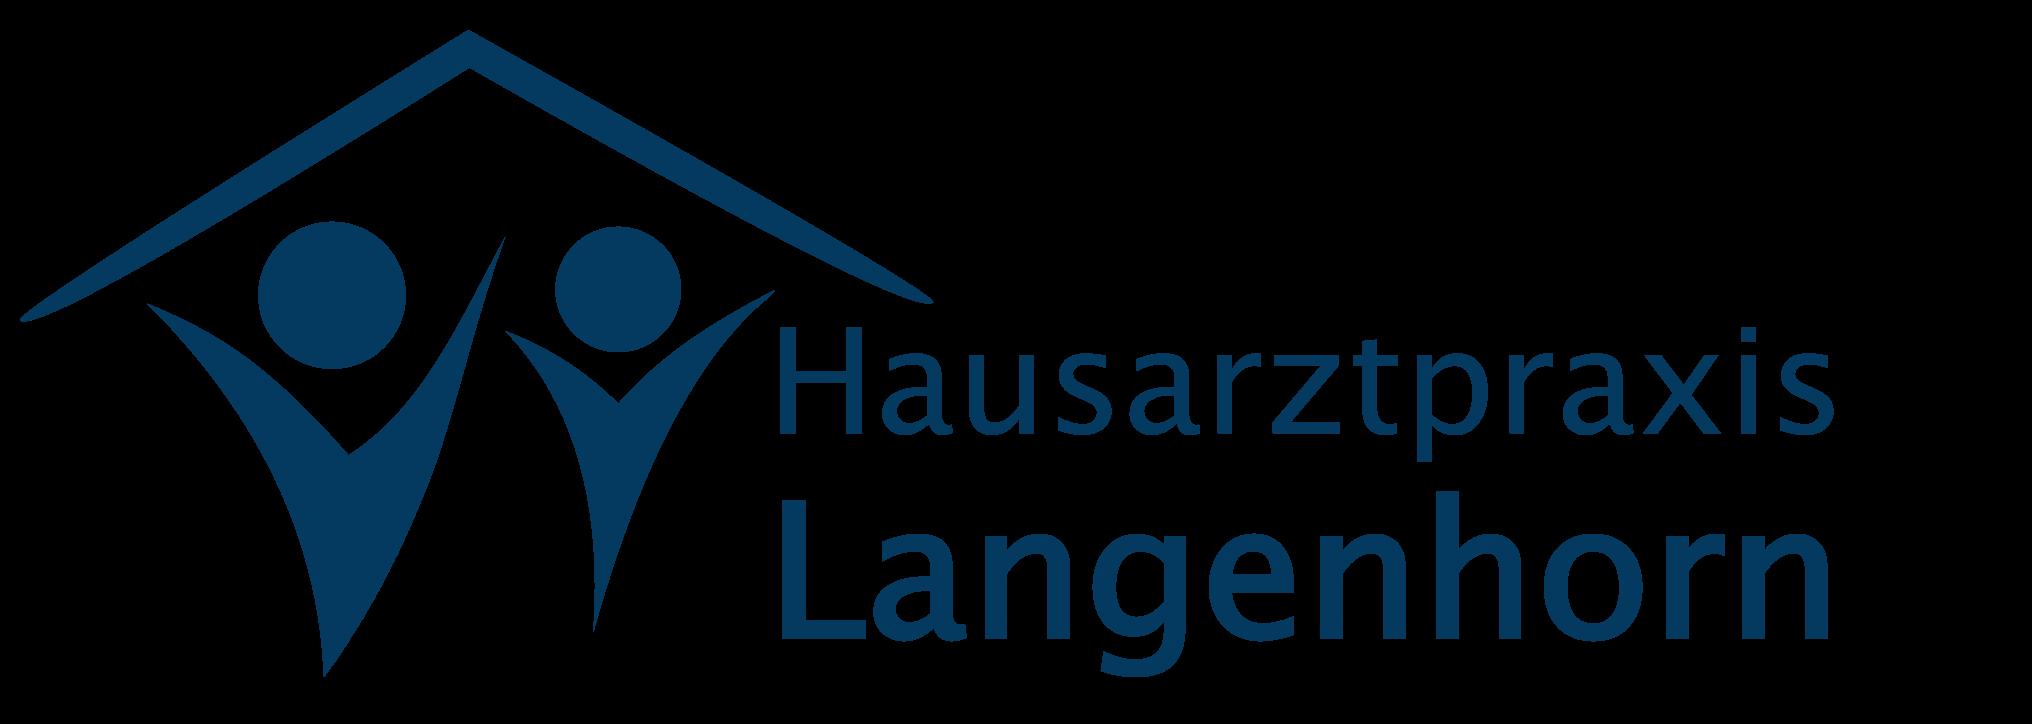 Hausarztpraxis Langenhorn Logo